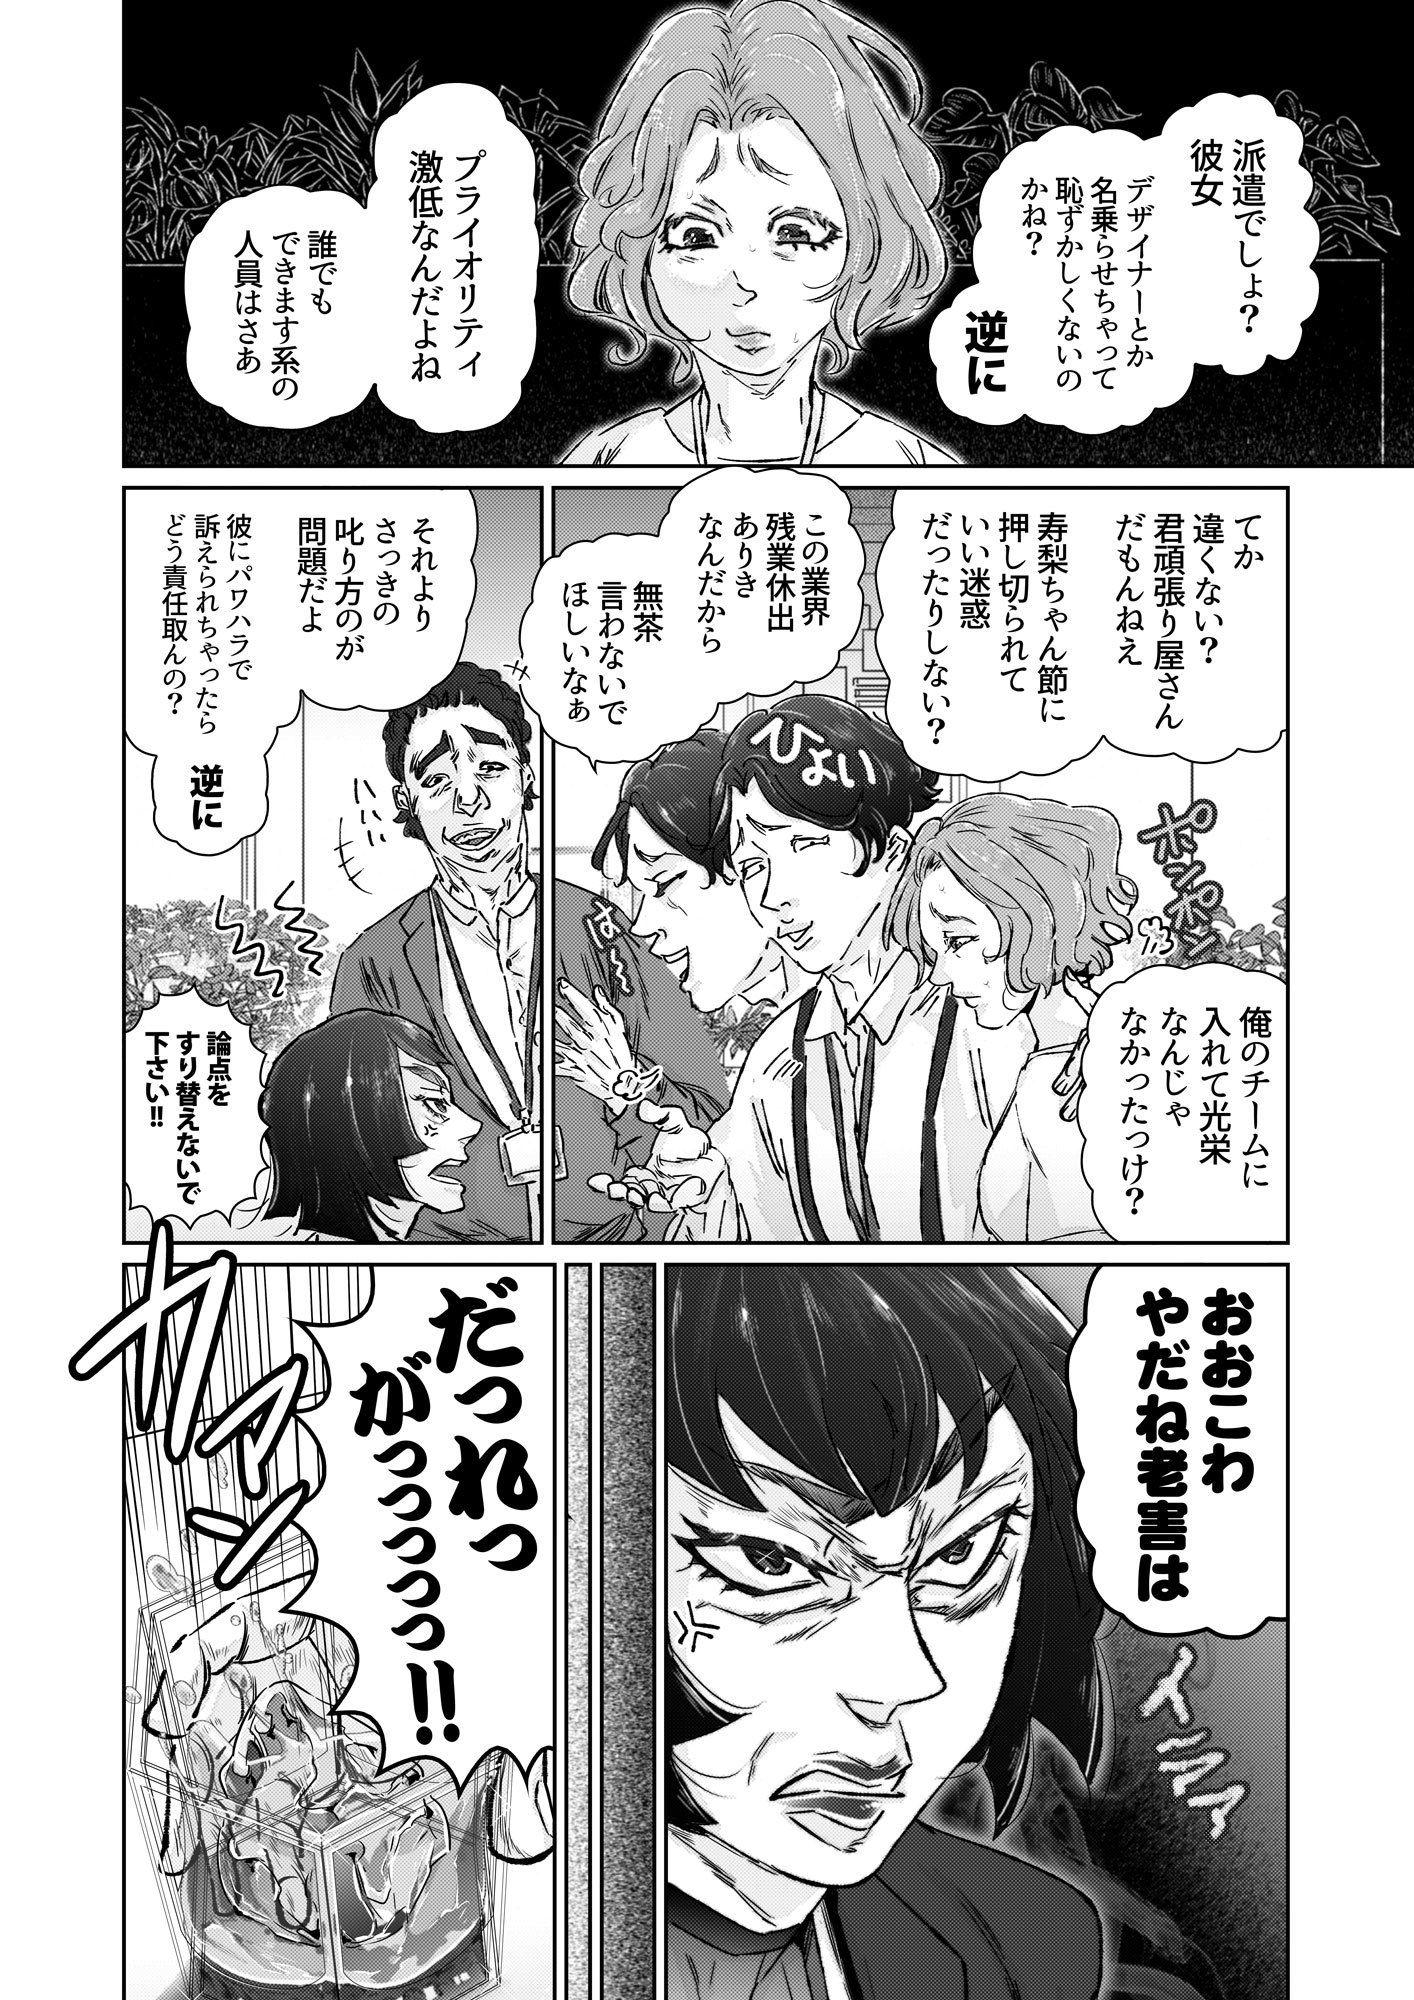 夫婦夜話第3夜〜莫良夫妻の事情〜(特典版)